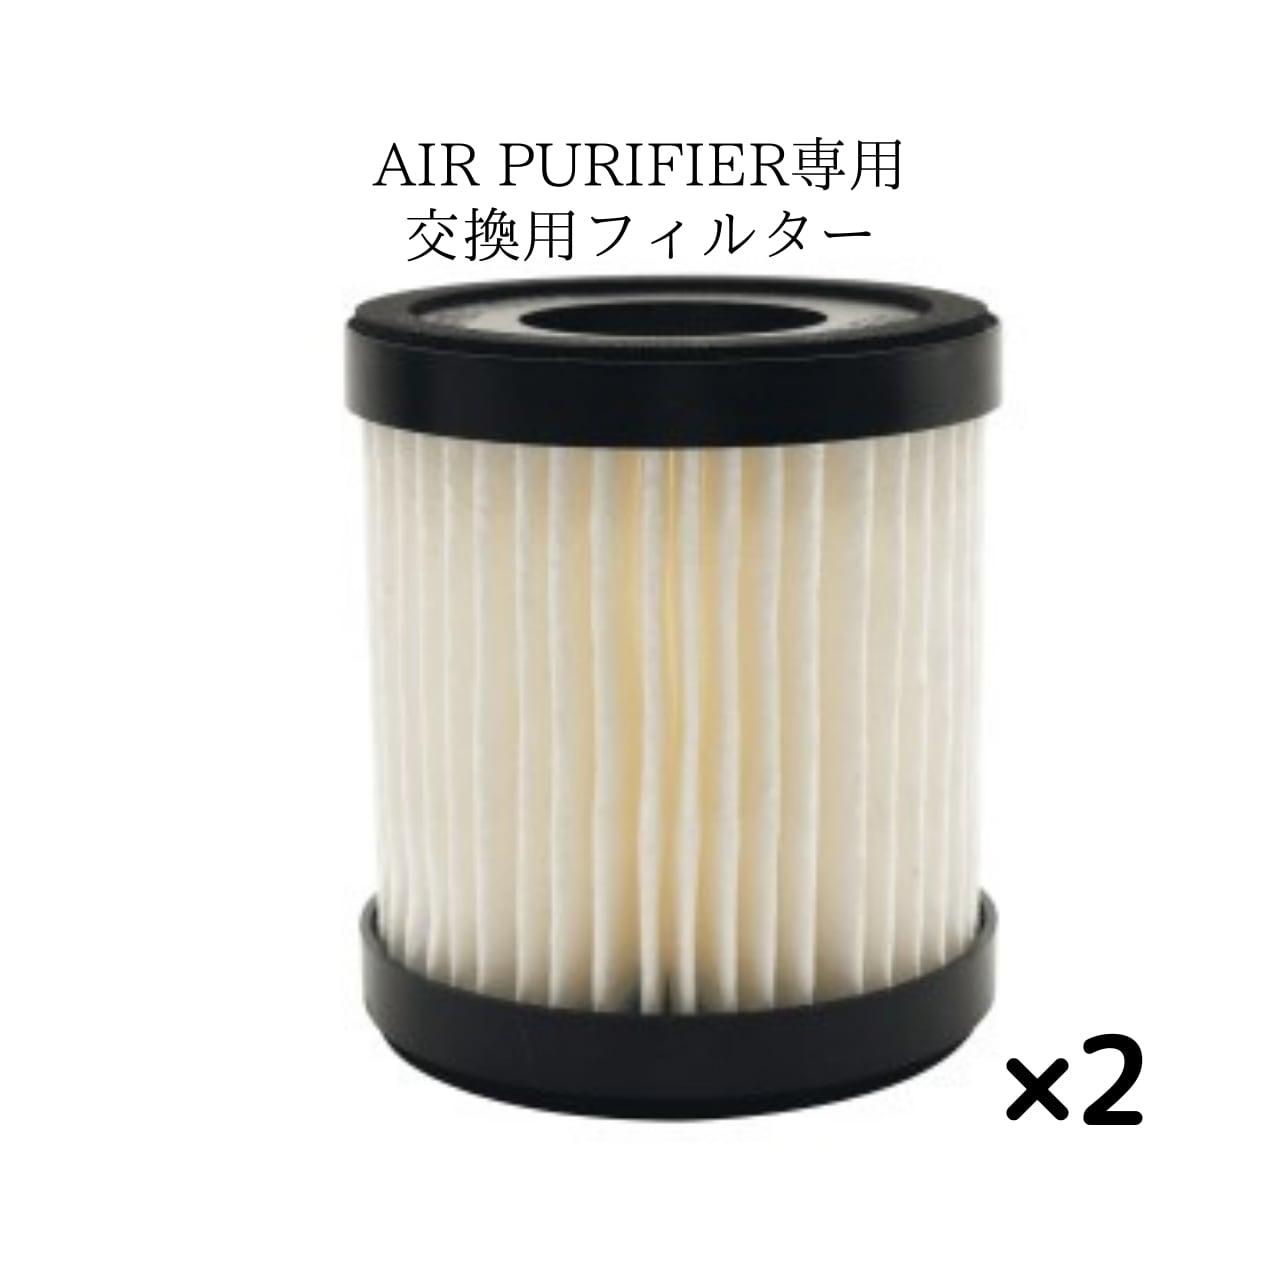 【交換用フィルター】AIR PURIFIER専用 交換用 フィルター 2個セット